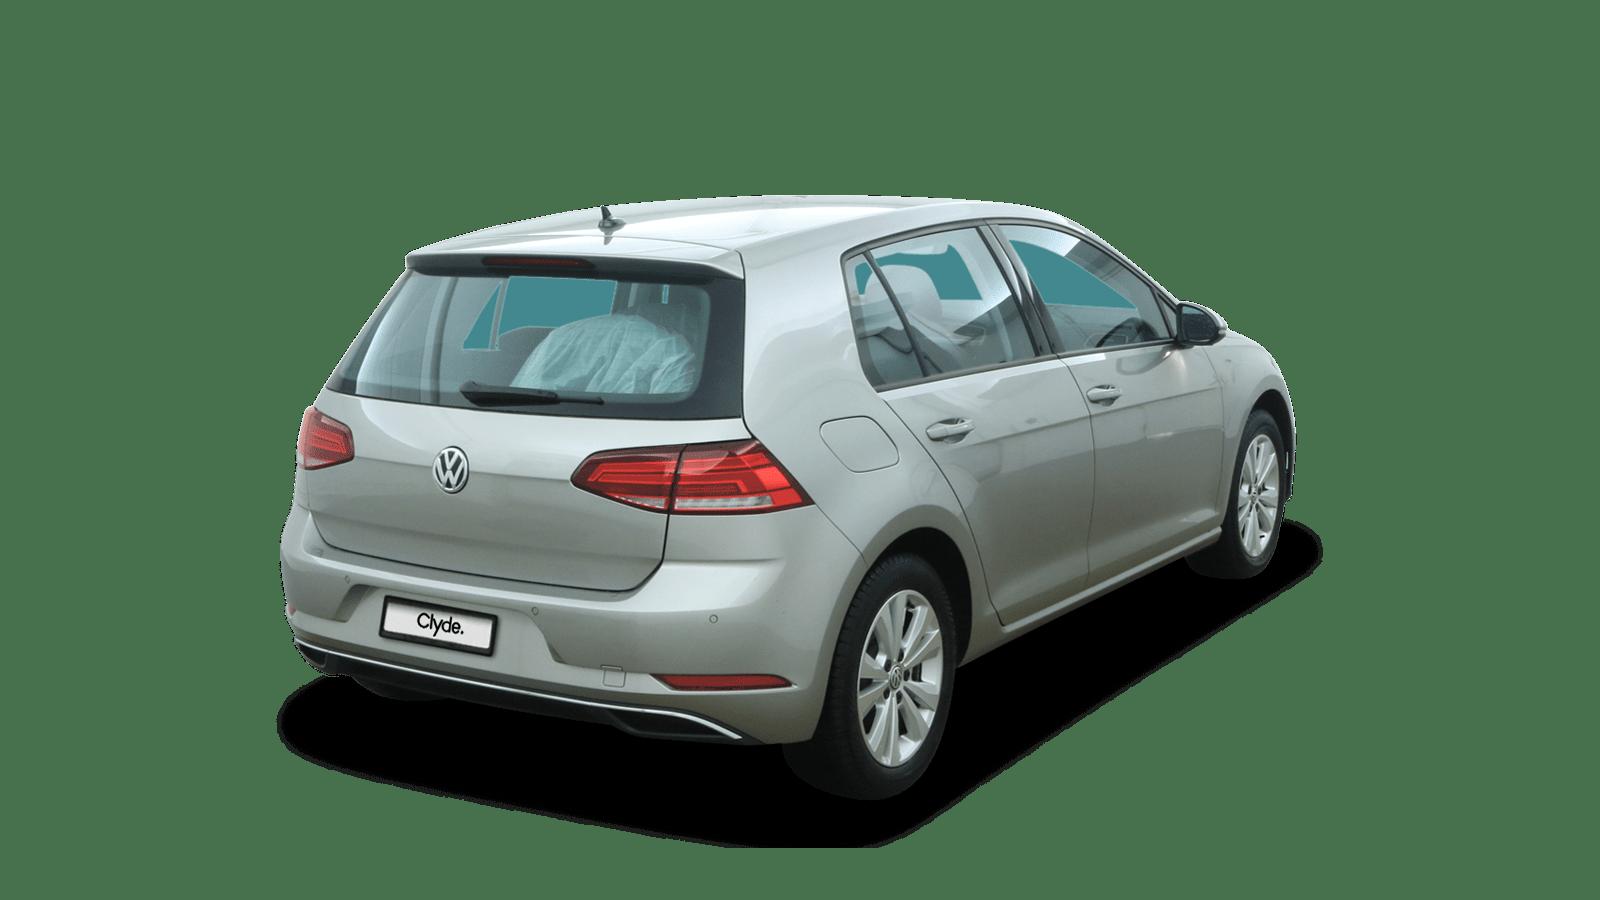 VW Golf Silber rückansicht - Clyde Auto-Abo